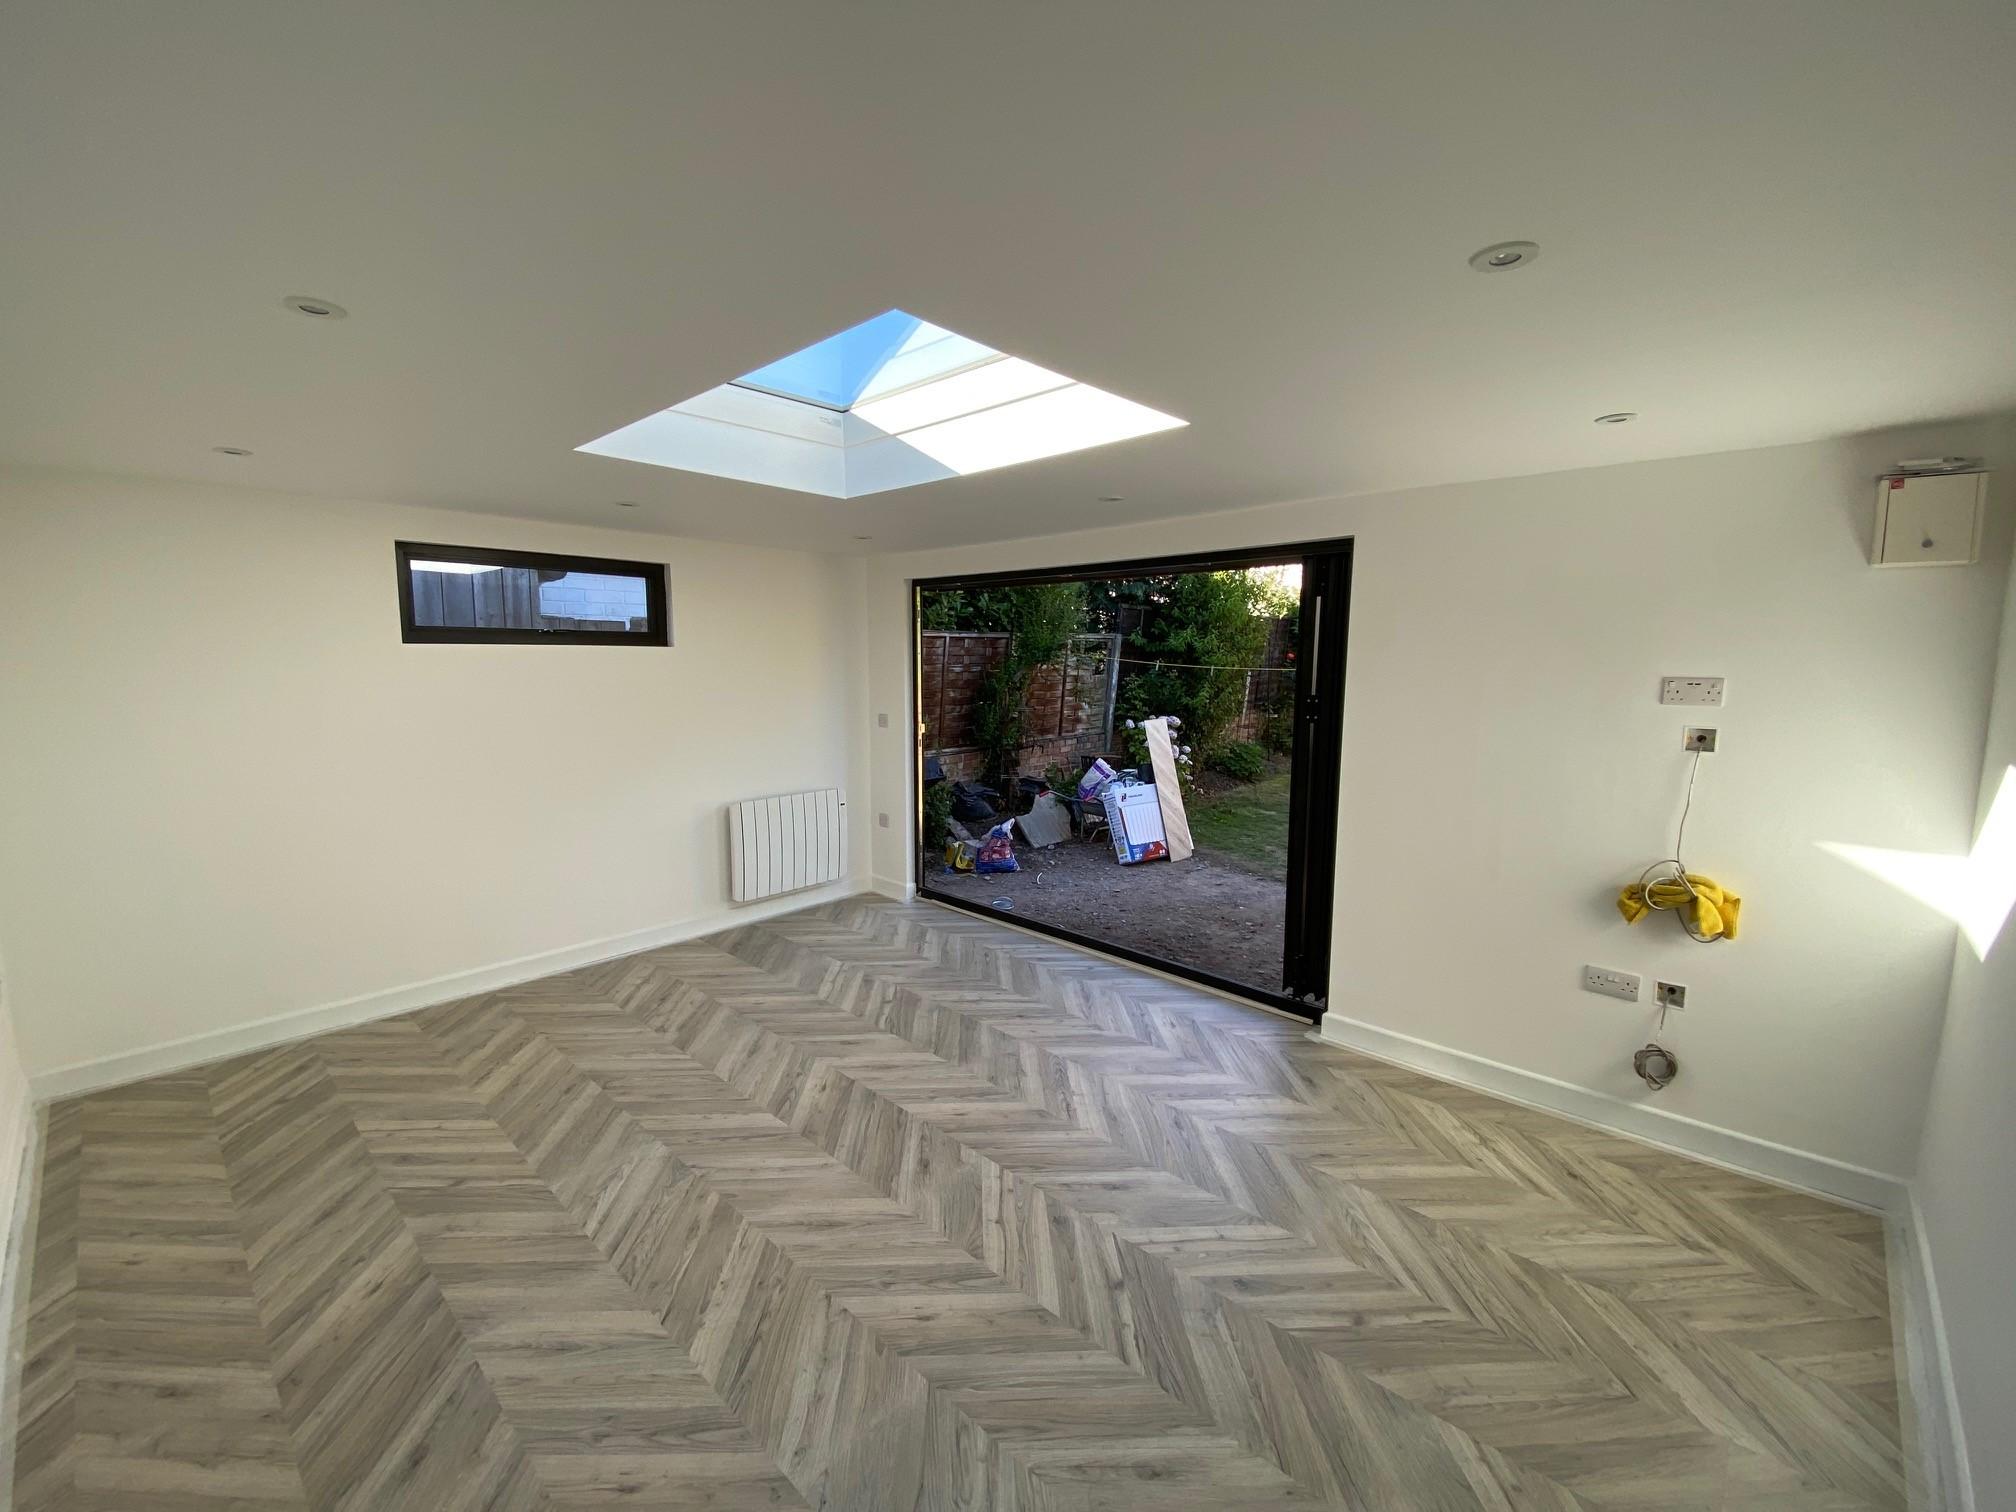 Flat Roof Garden Room Interior - TRJ Construction